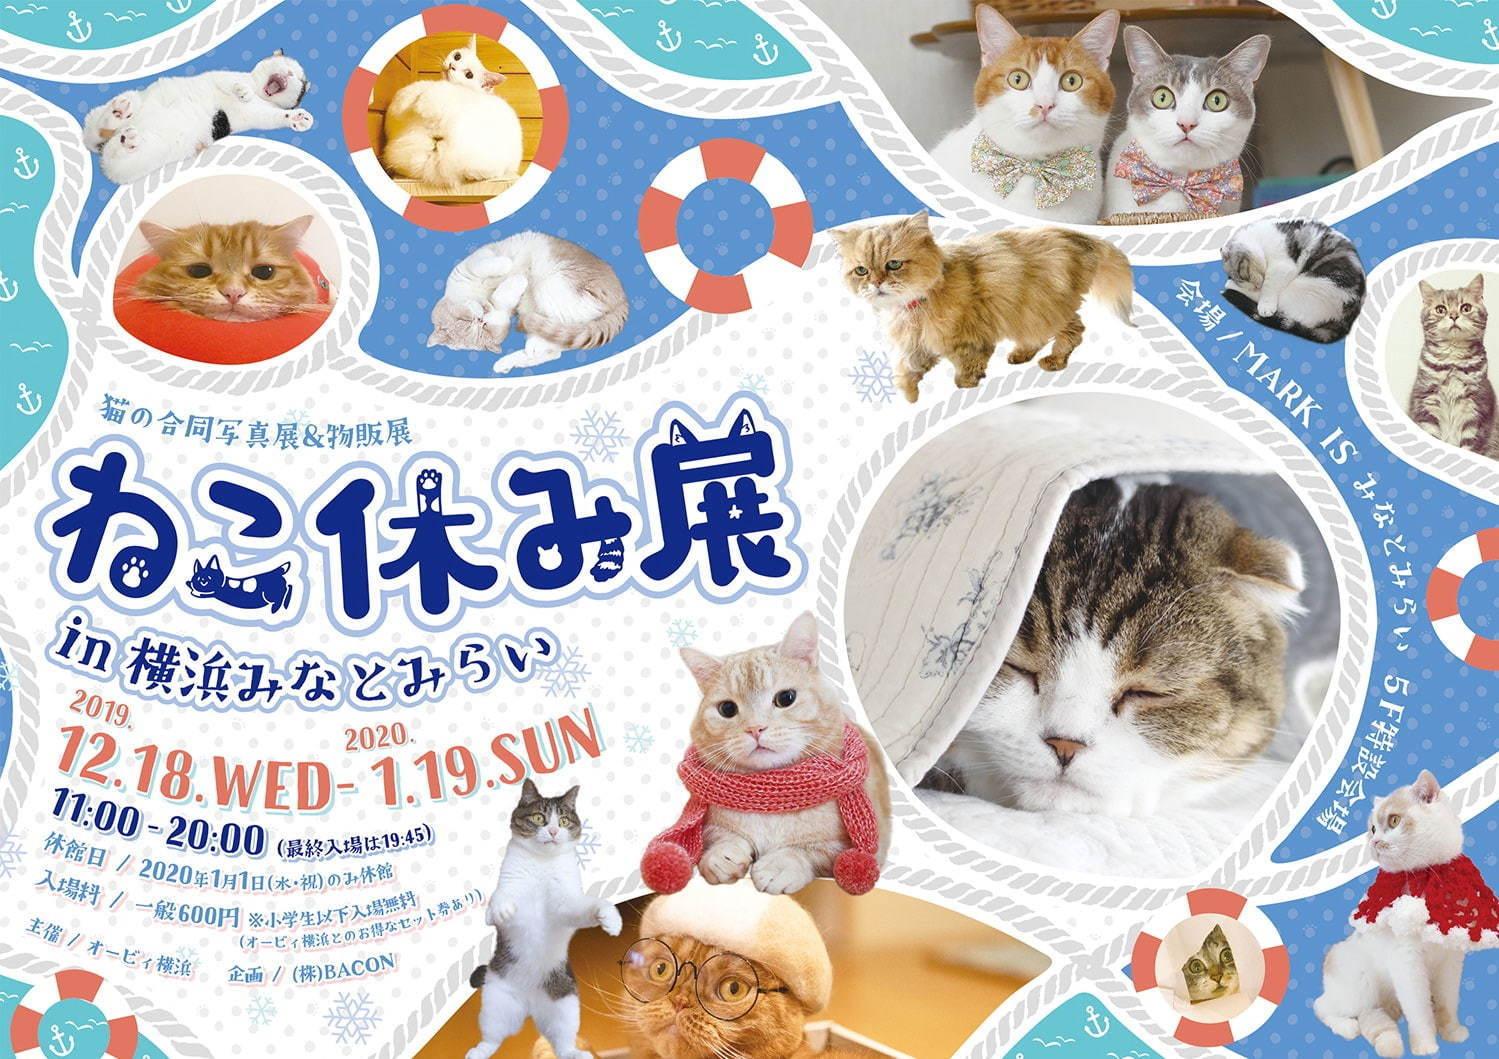 「ねこ休み展 in 横浜みなとみらい」が、横浜・マークイズみなとみらいにて開催!